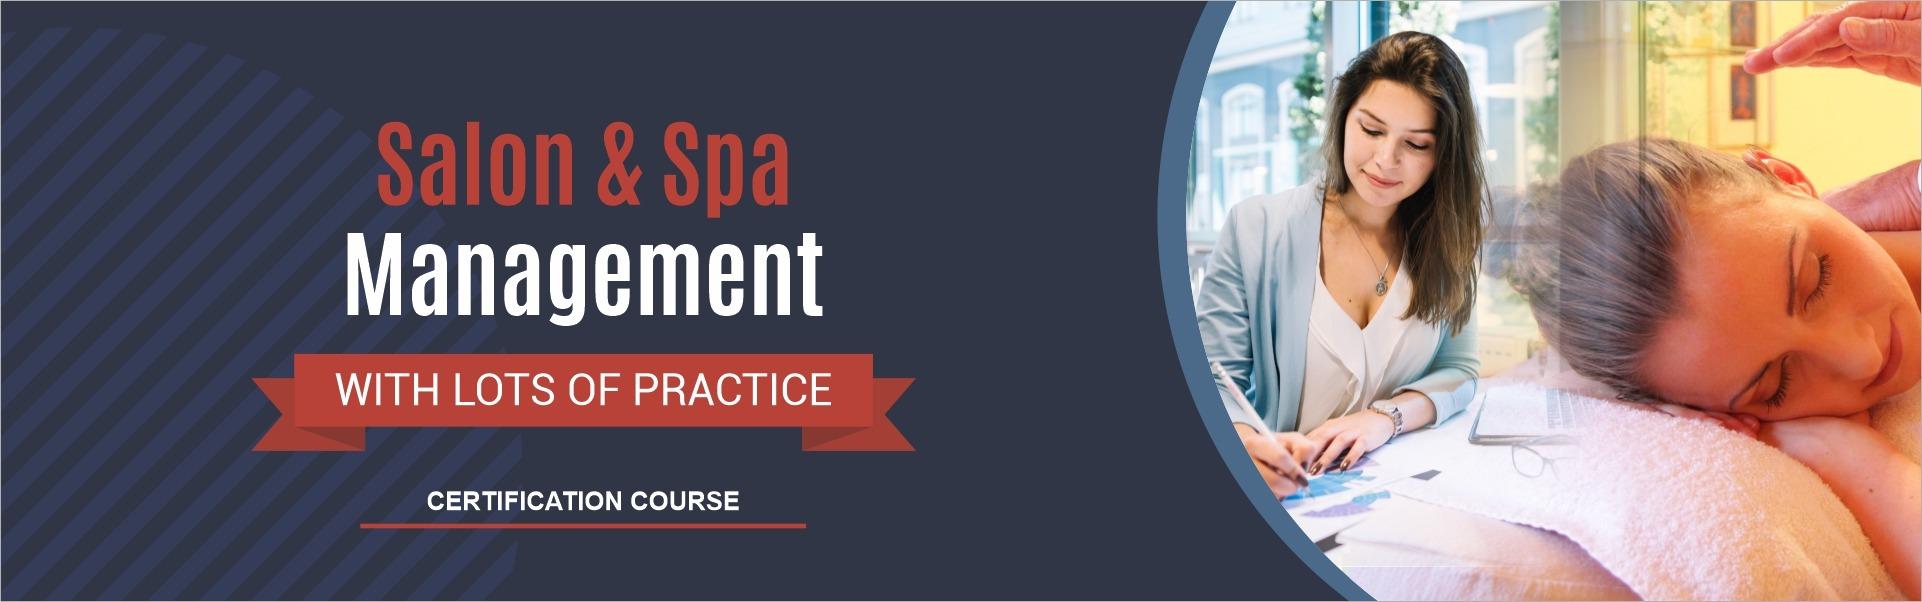 Salon & Spa Certification Course